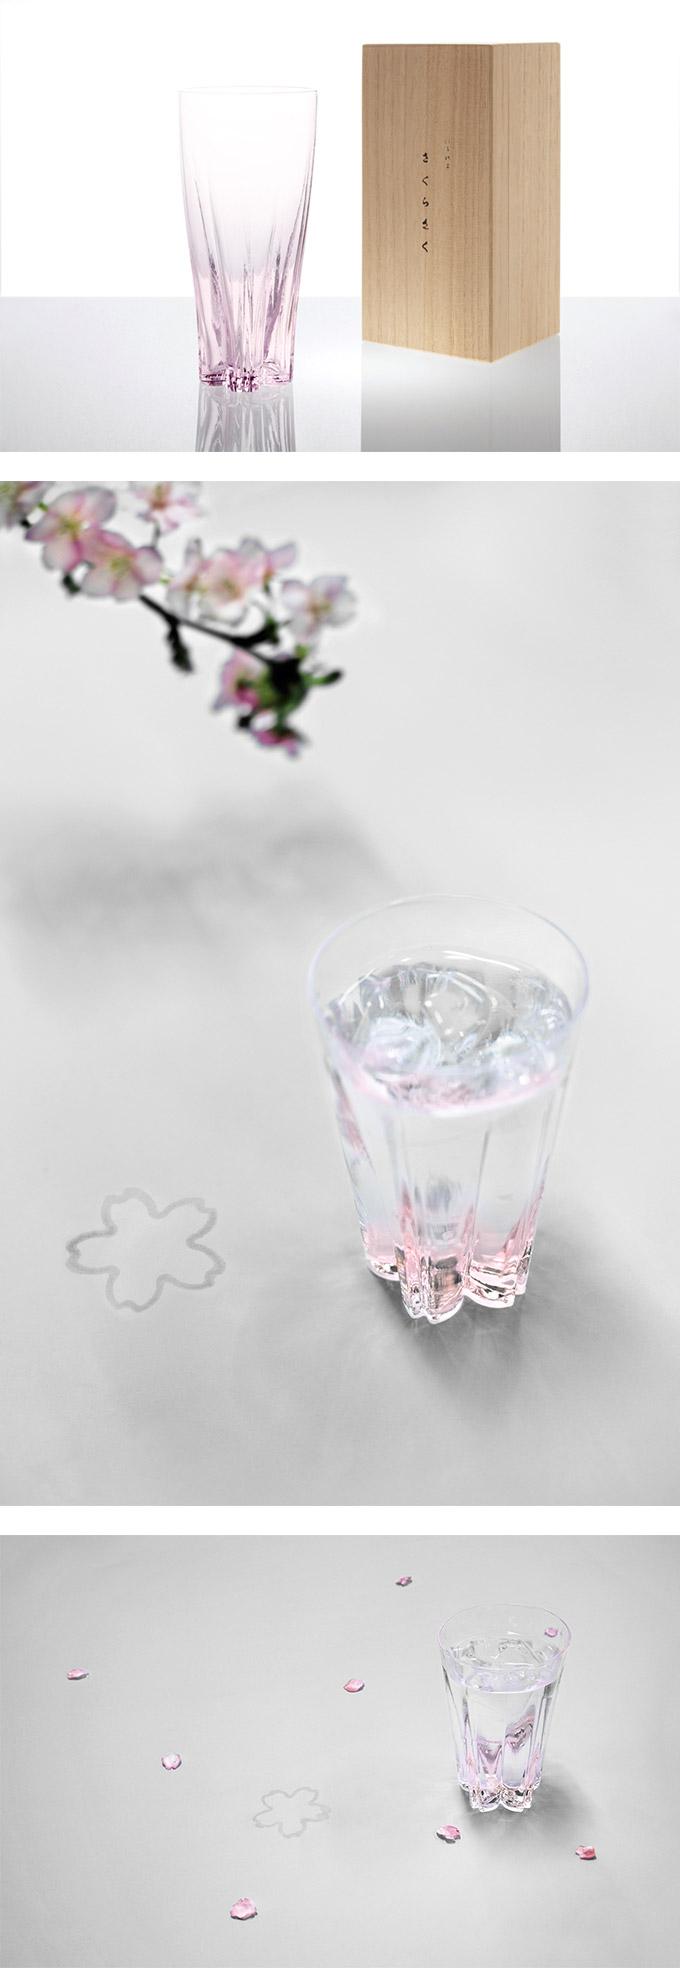 日本 Perrocaliente SAKURASAKU 櫻花杯 比爾森式啤酒杯 櫻花粉